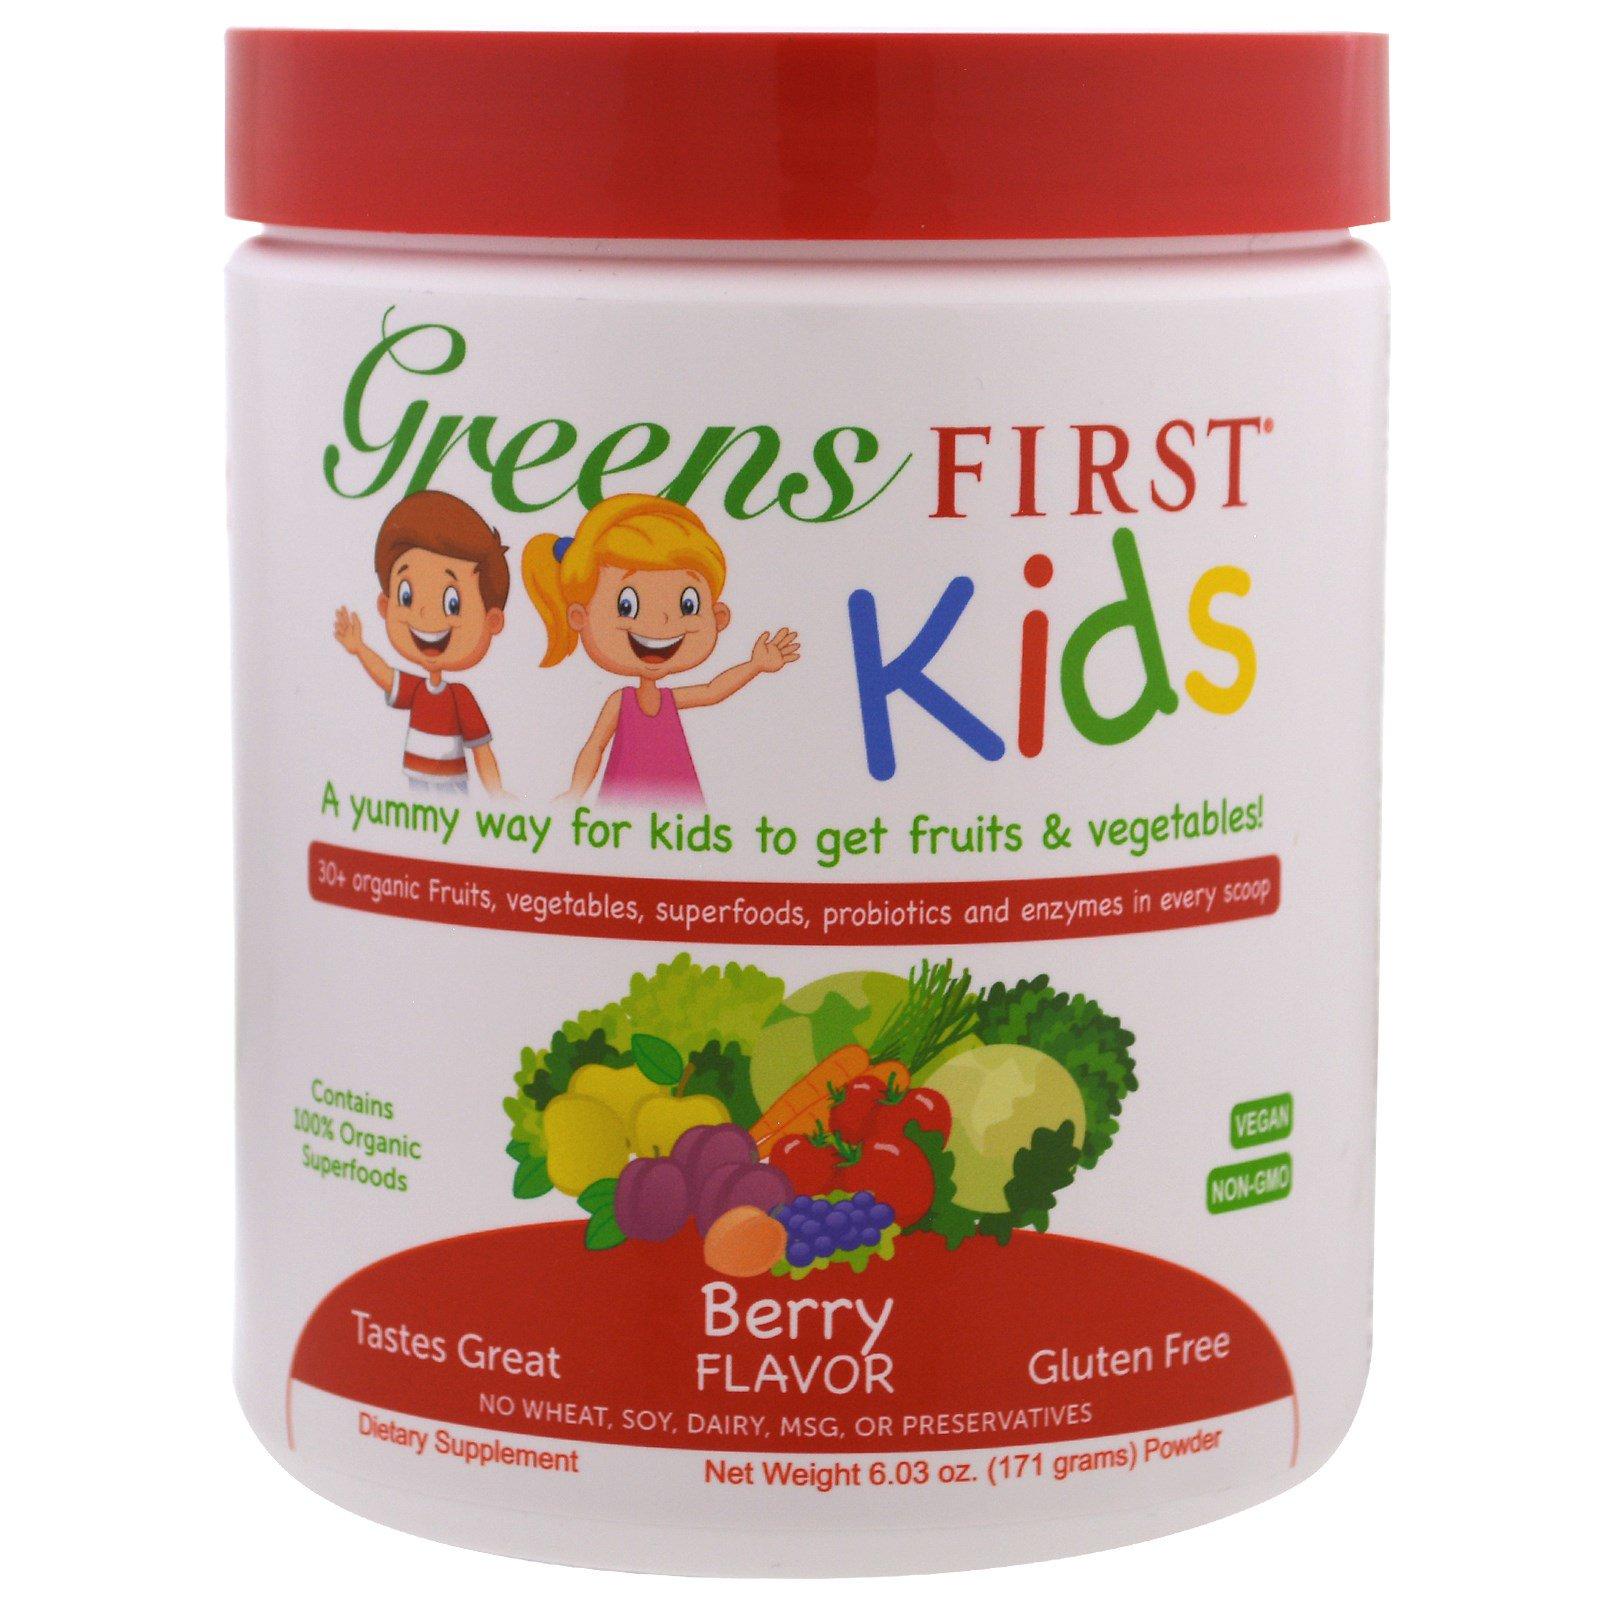 Greens First, Для детей, Коктейль с антиоксидантами и суперфудами, Ягоды, 6,03 унции (171 г)